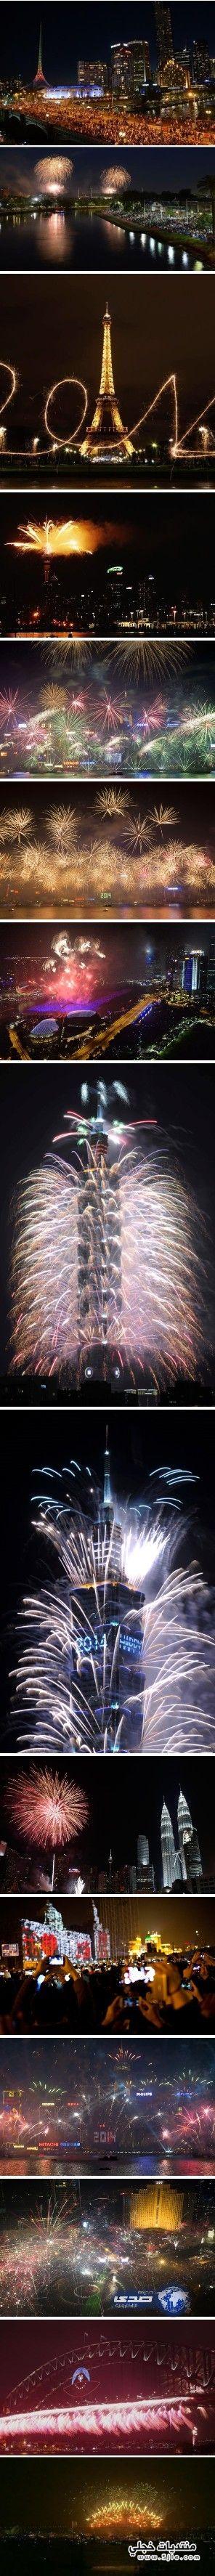 احتفالات العالم بالعام الجديد2014